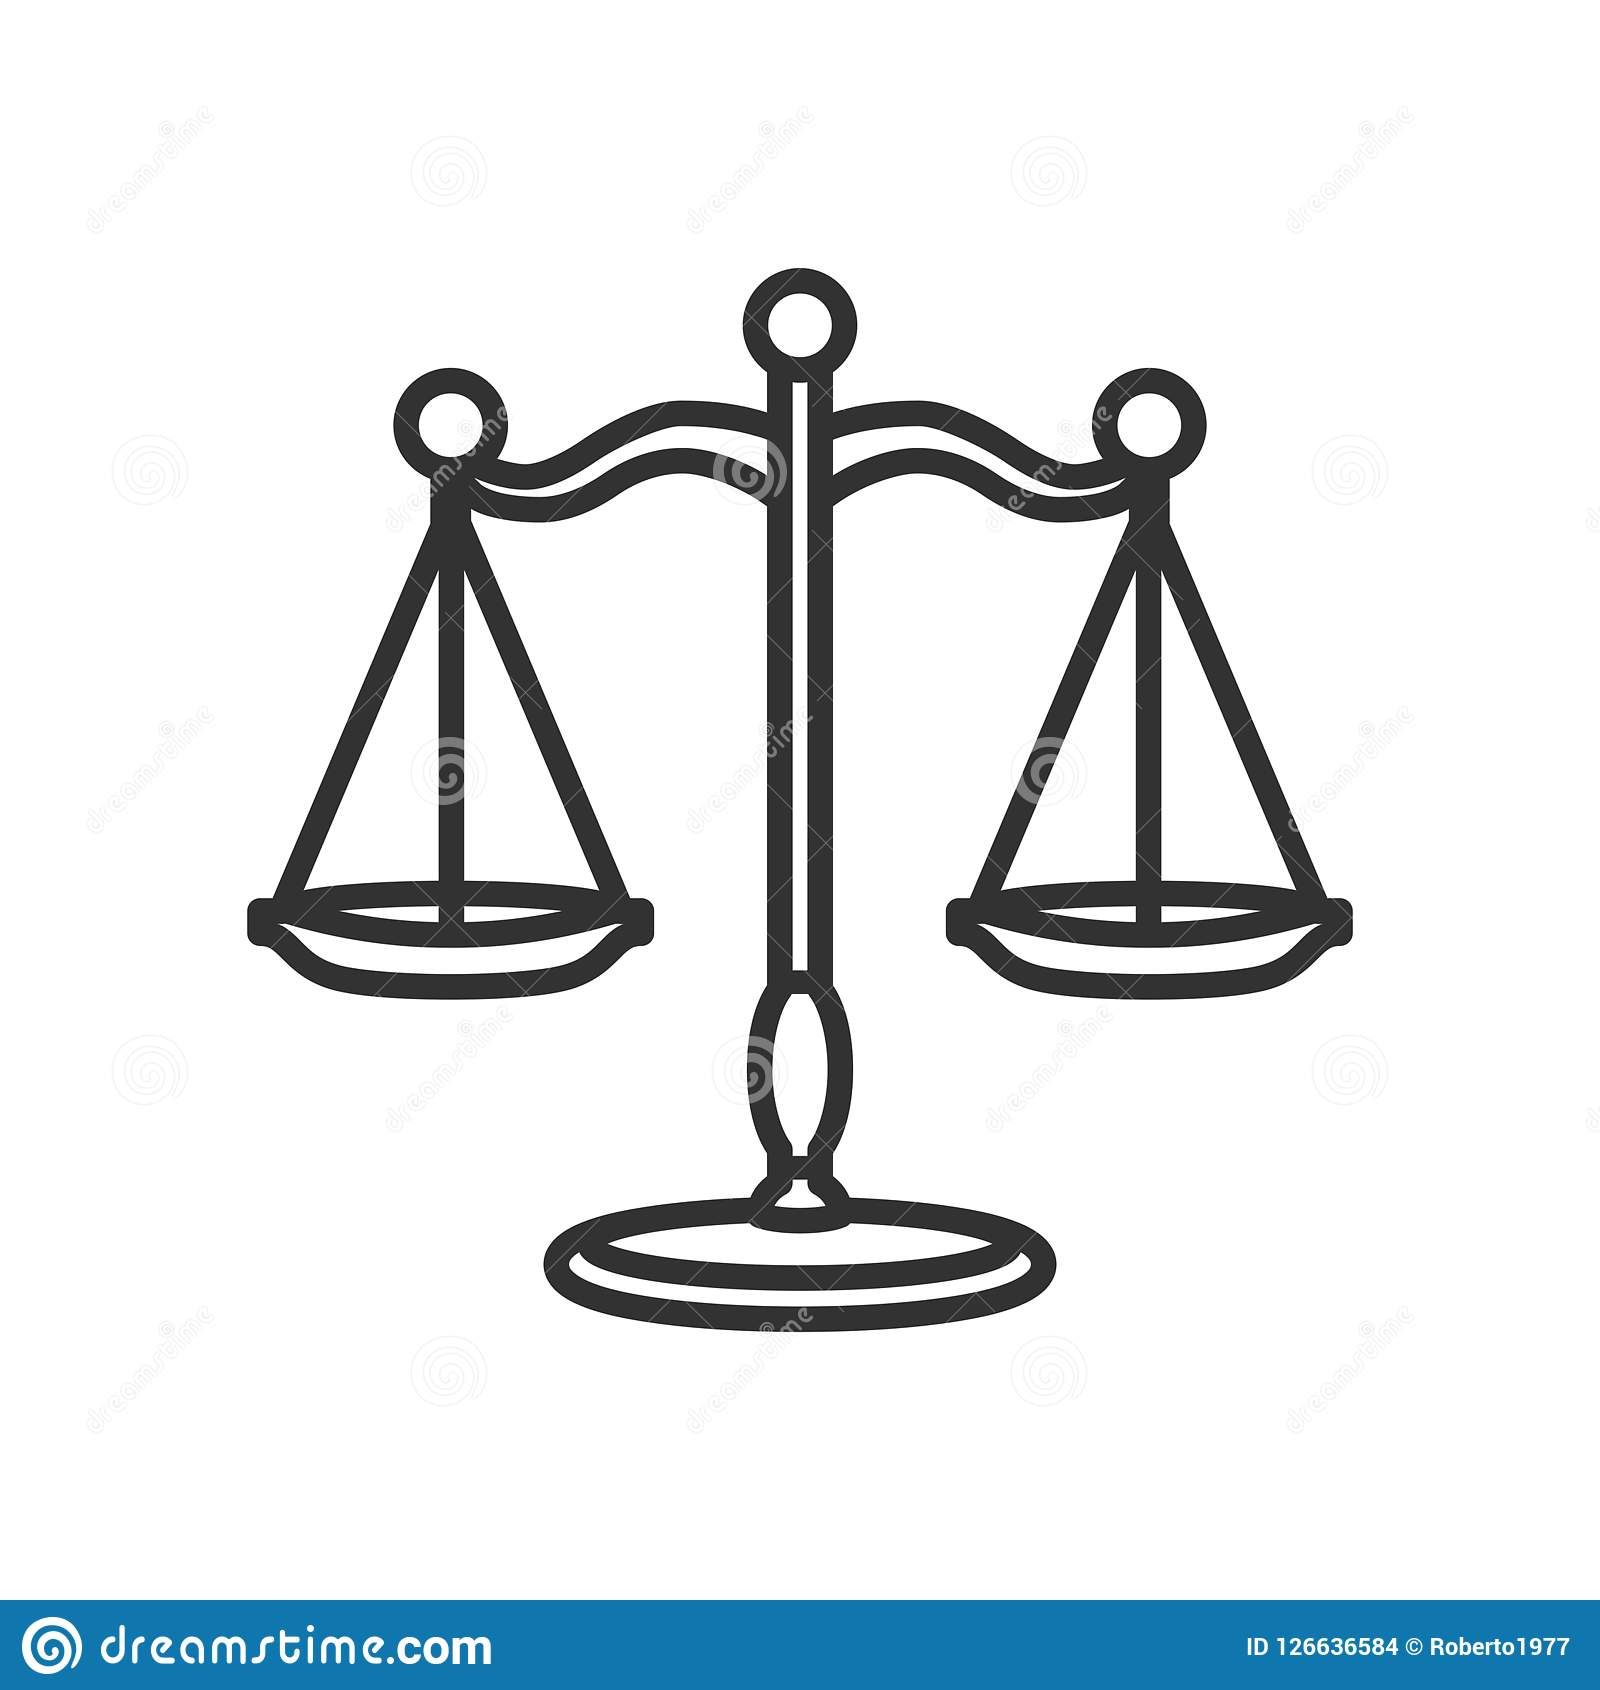 Escalas de la justicia Outline Flat Icon en blanco